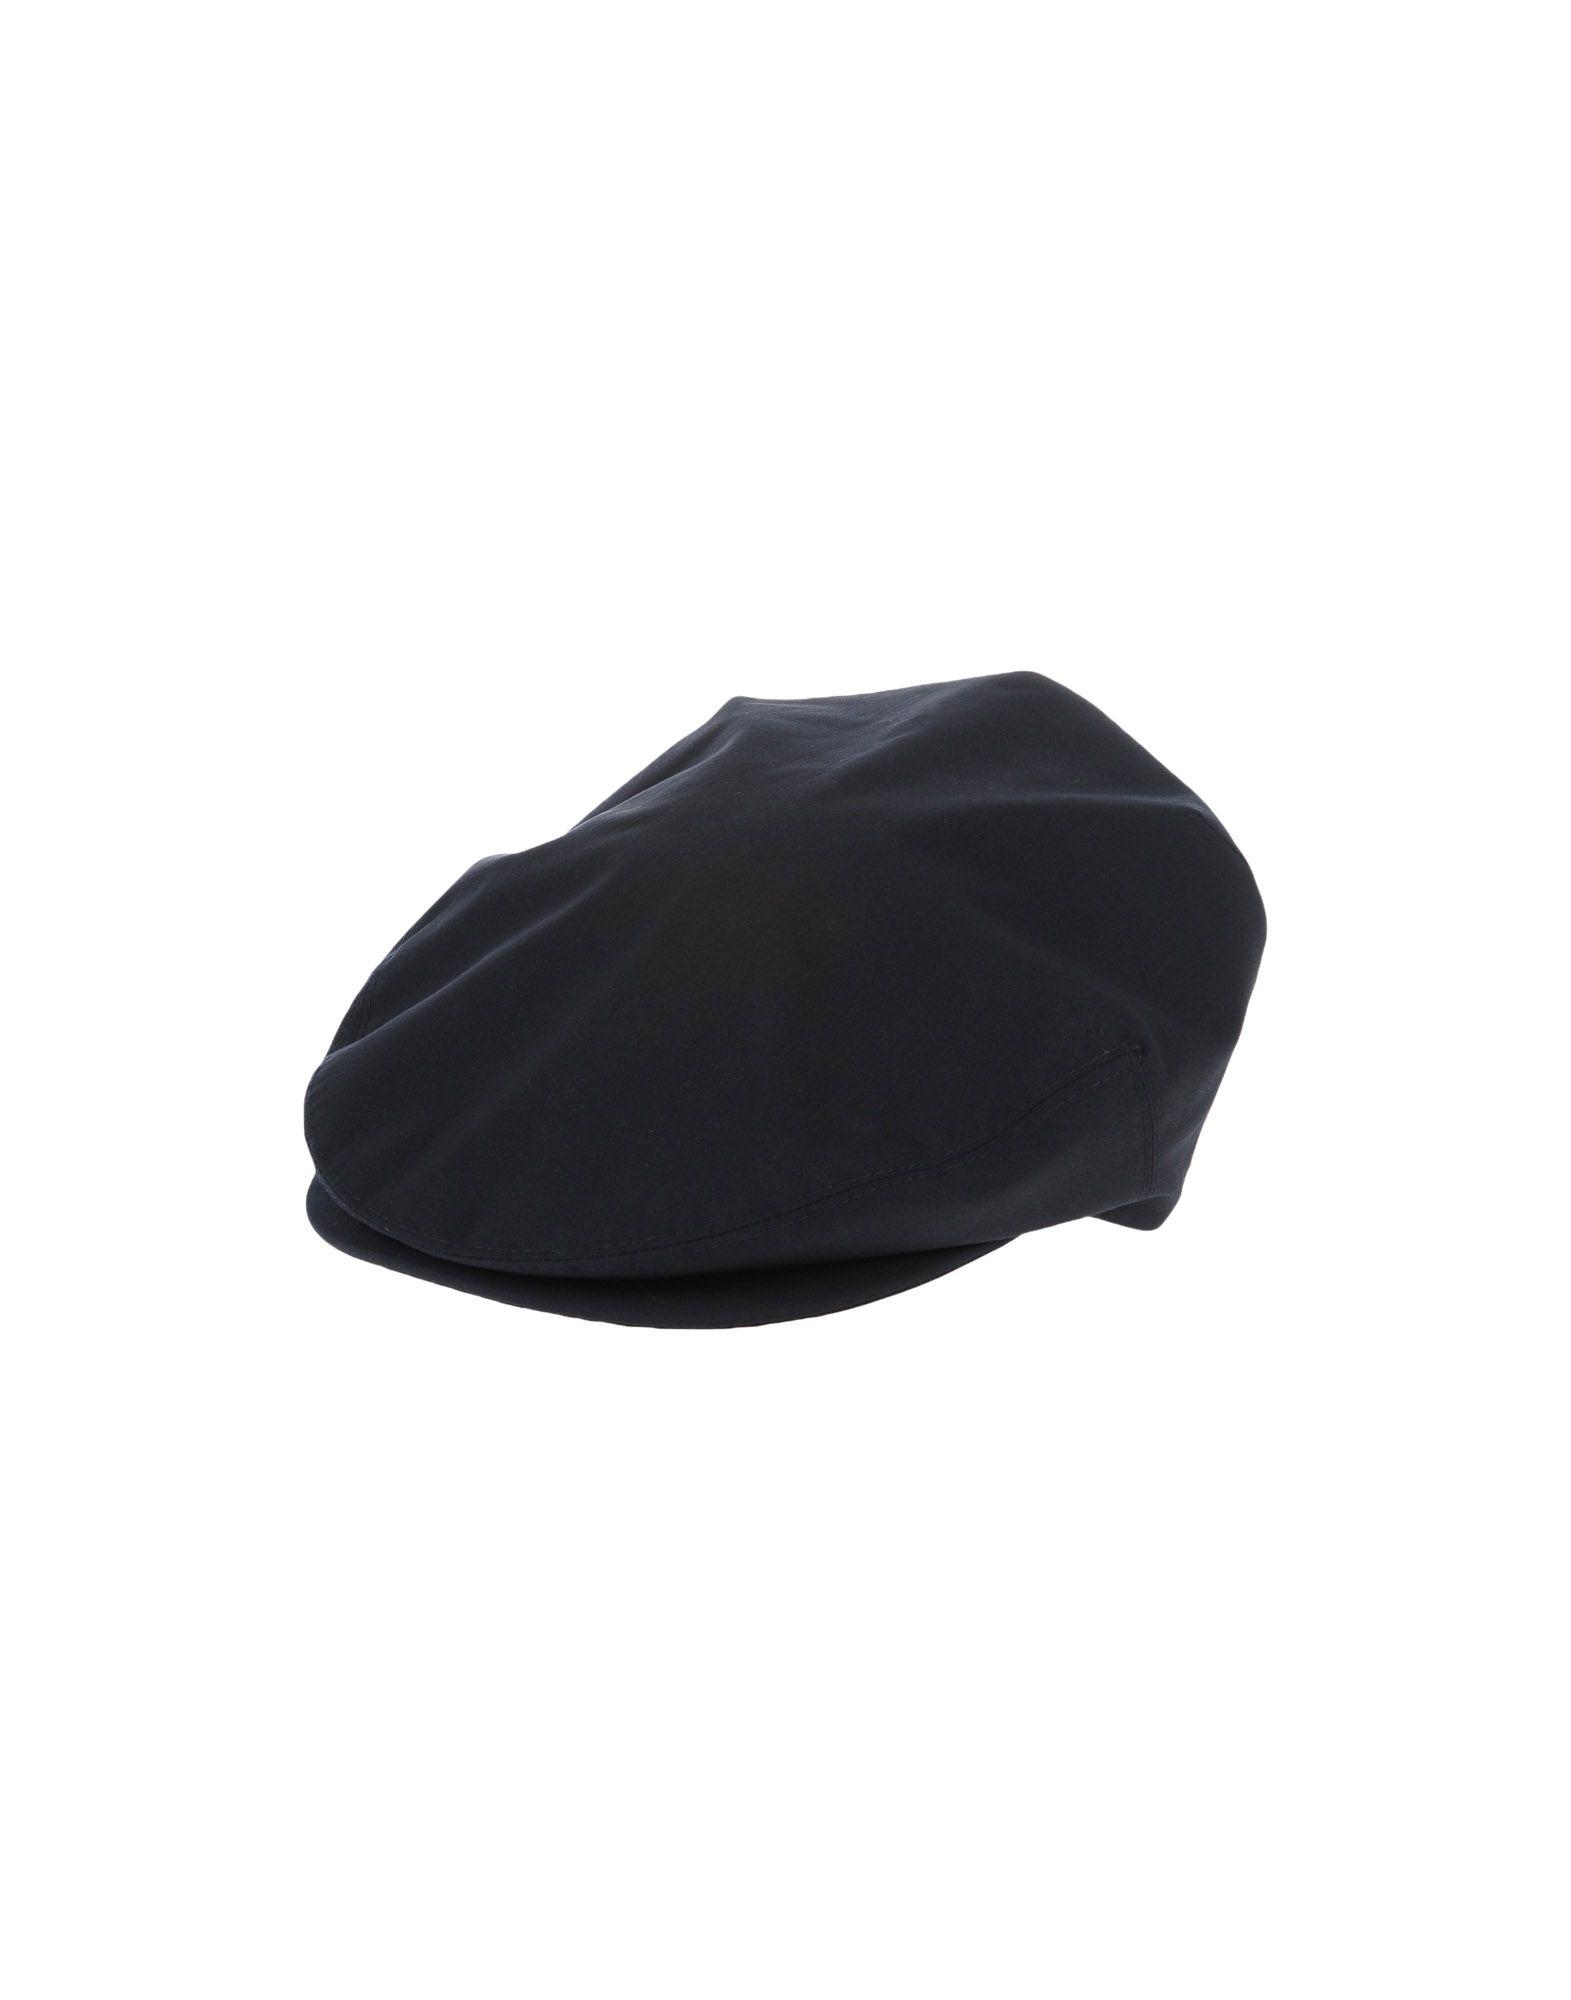 《送料無料》ERMENEGILDO ZEGNA メンズ 帽子 ブラック S ウール 100%